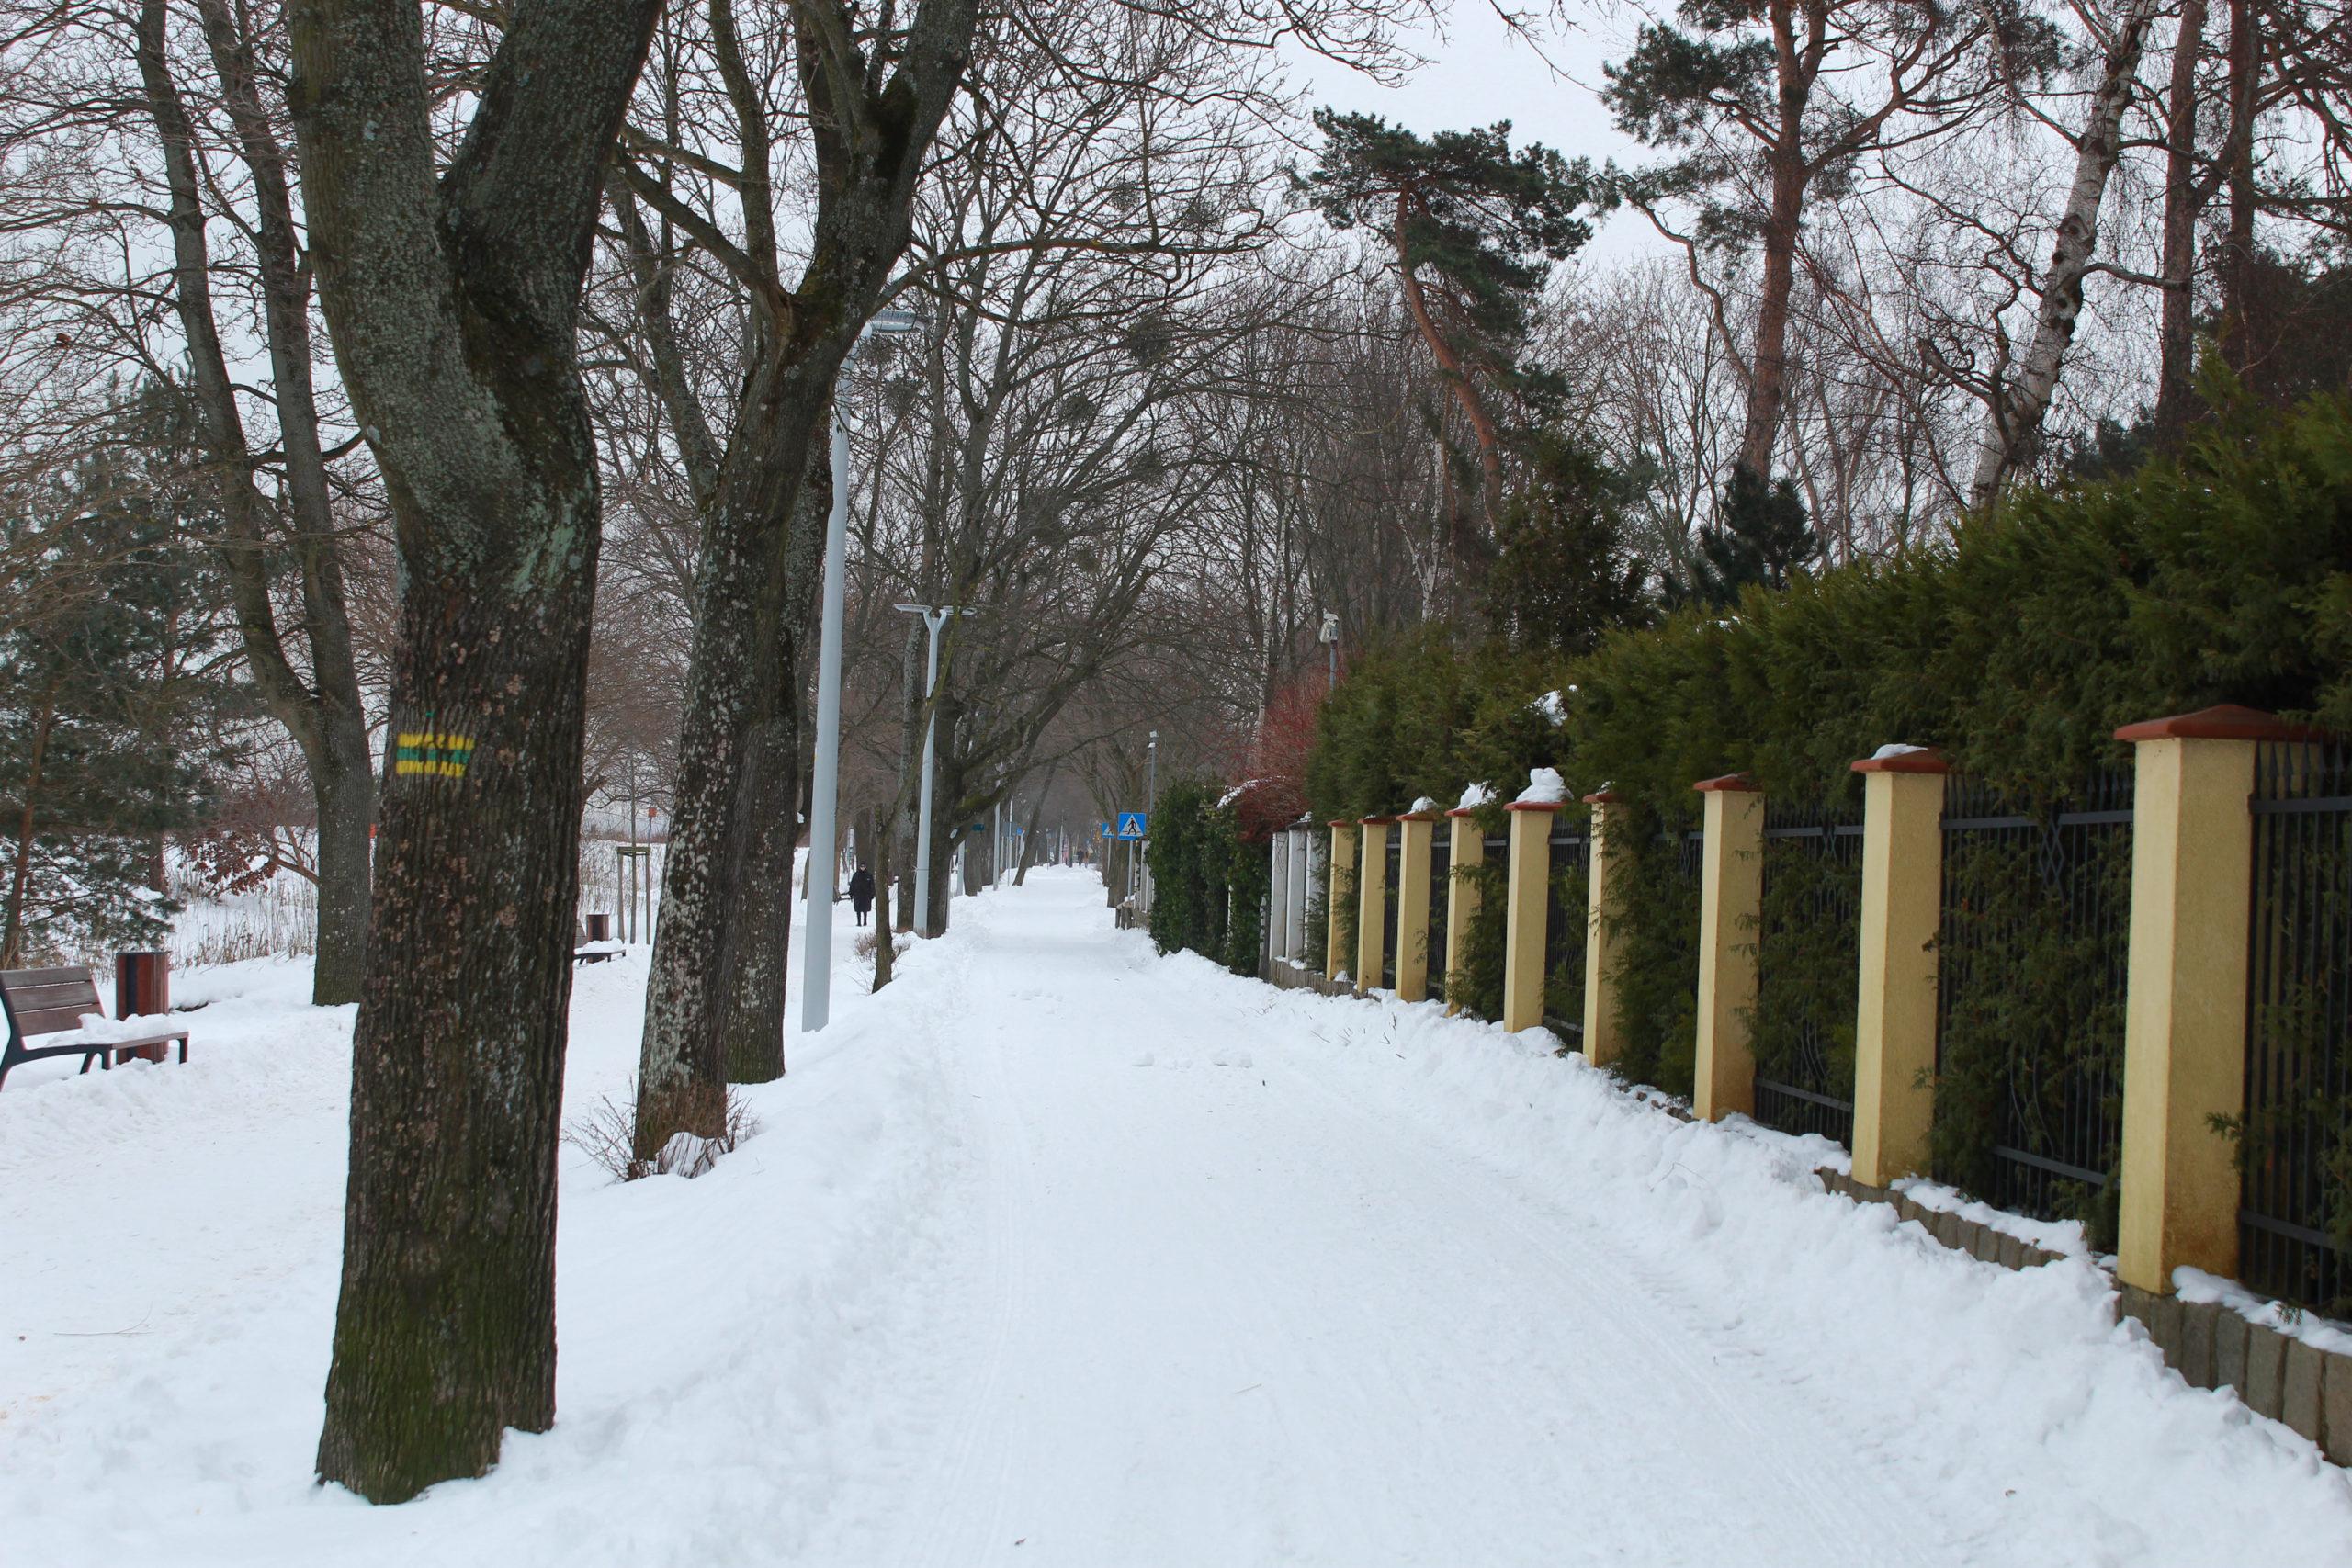 zaśnieżona ulica i żółty płot